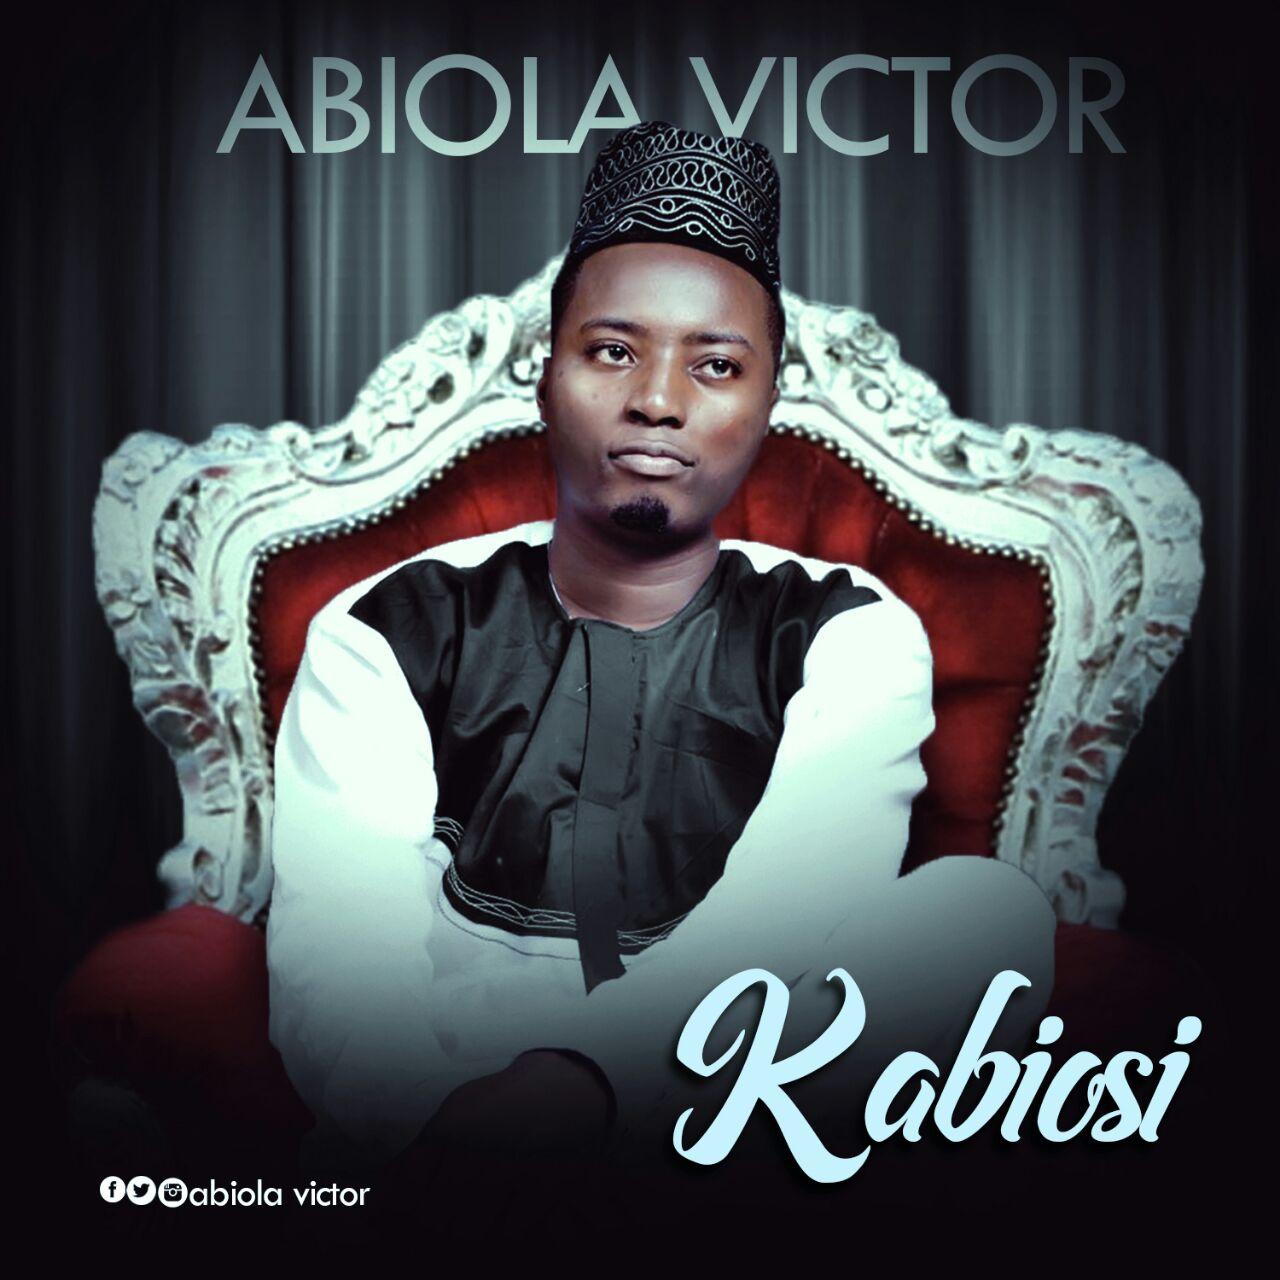 KABIOSI - Abiola Victor